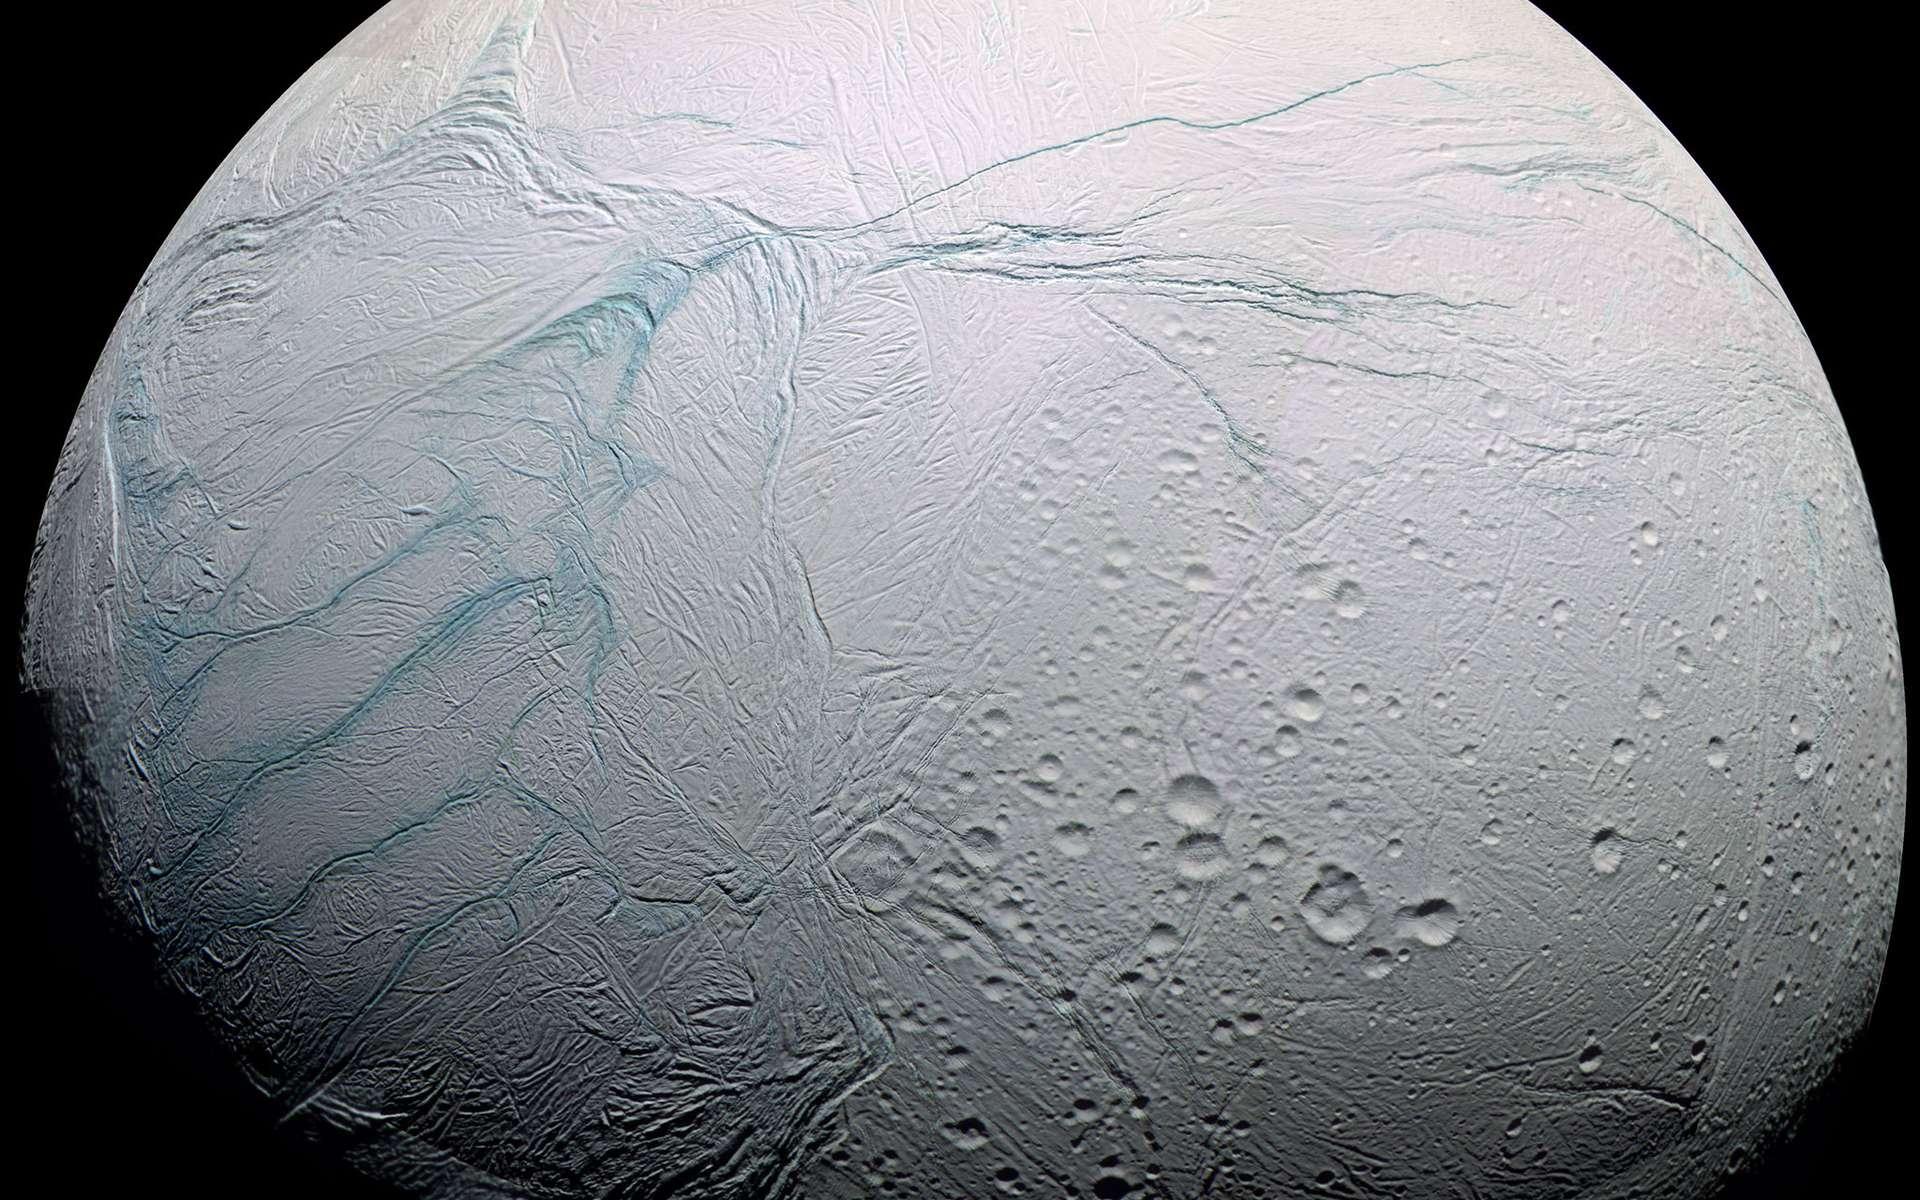 La lune Encelade photographiée par Cassini. Selon un nouveau modèle, l'épaisseur de la banquise de ce satellite de Saturne de 500 km de diamètre atteint 35 km au niveau de son équateur et moins de 5 km dans la région active du pôle sud (rayures à gauche sur l'image) où sont observés des geysers. © Nasa, ESA, JPL, Cassini Imaging Team, SSI